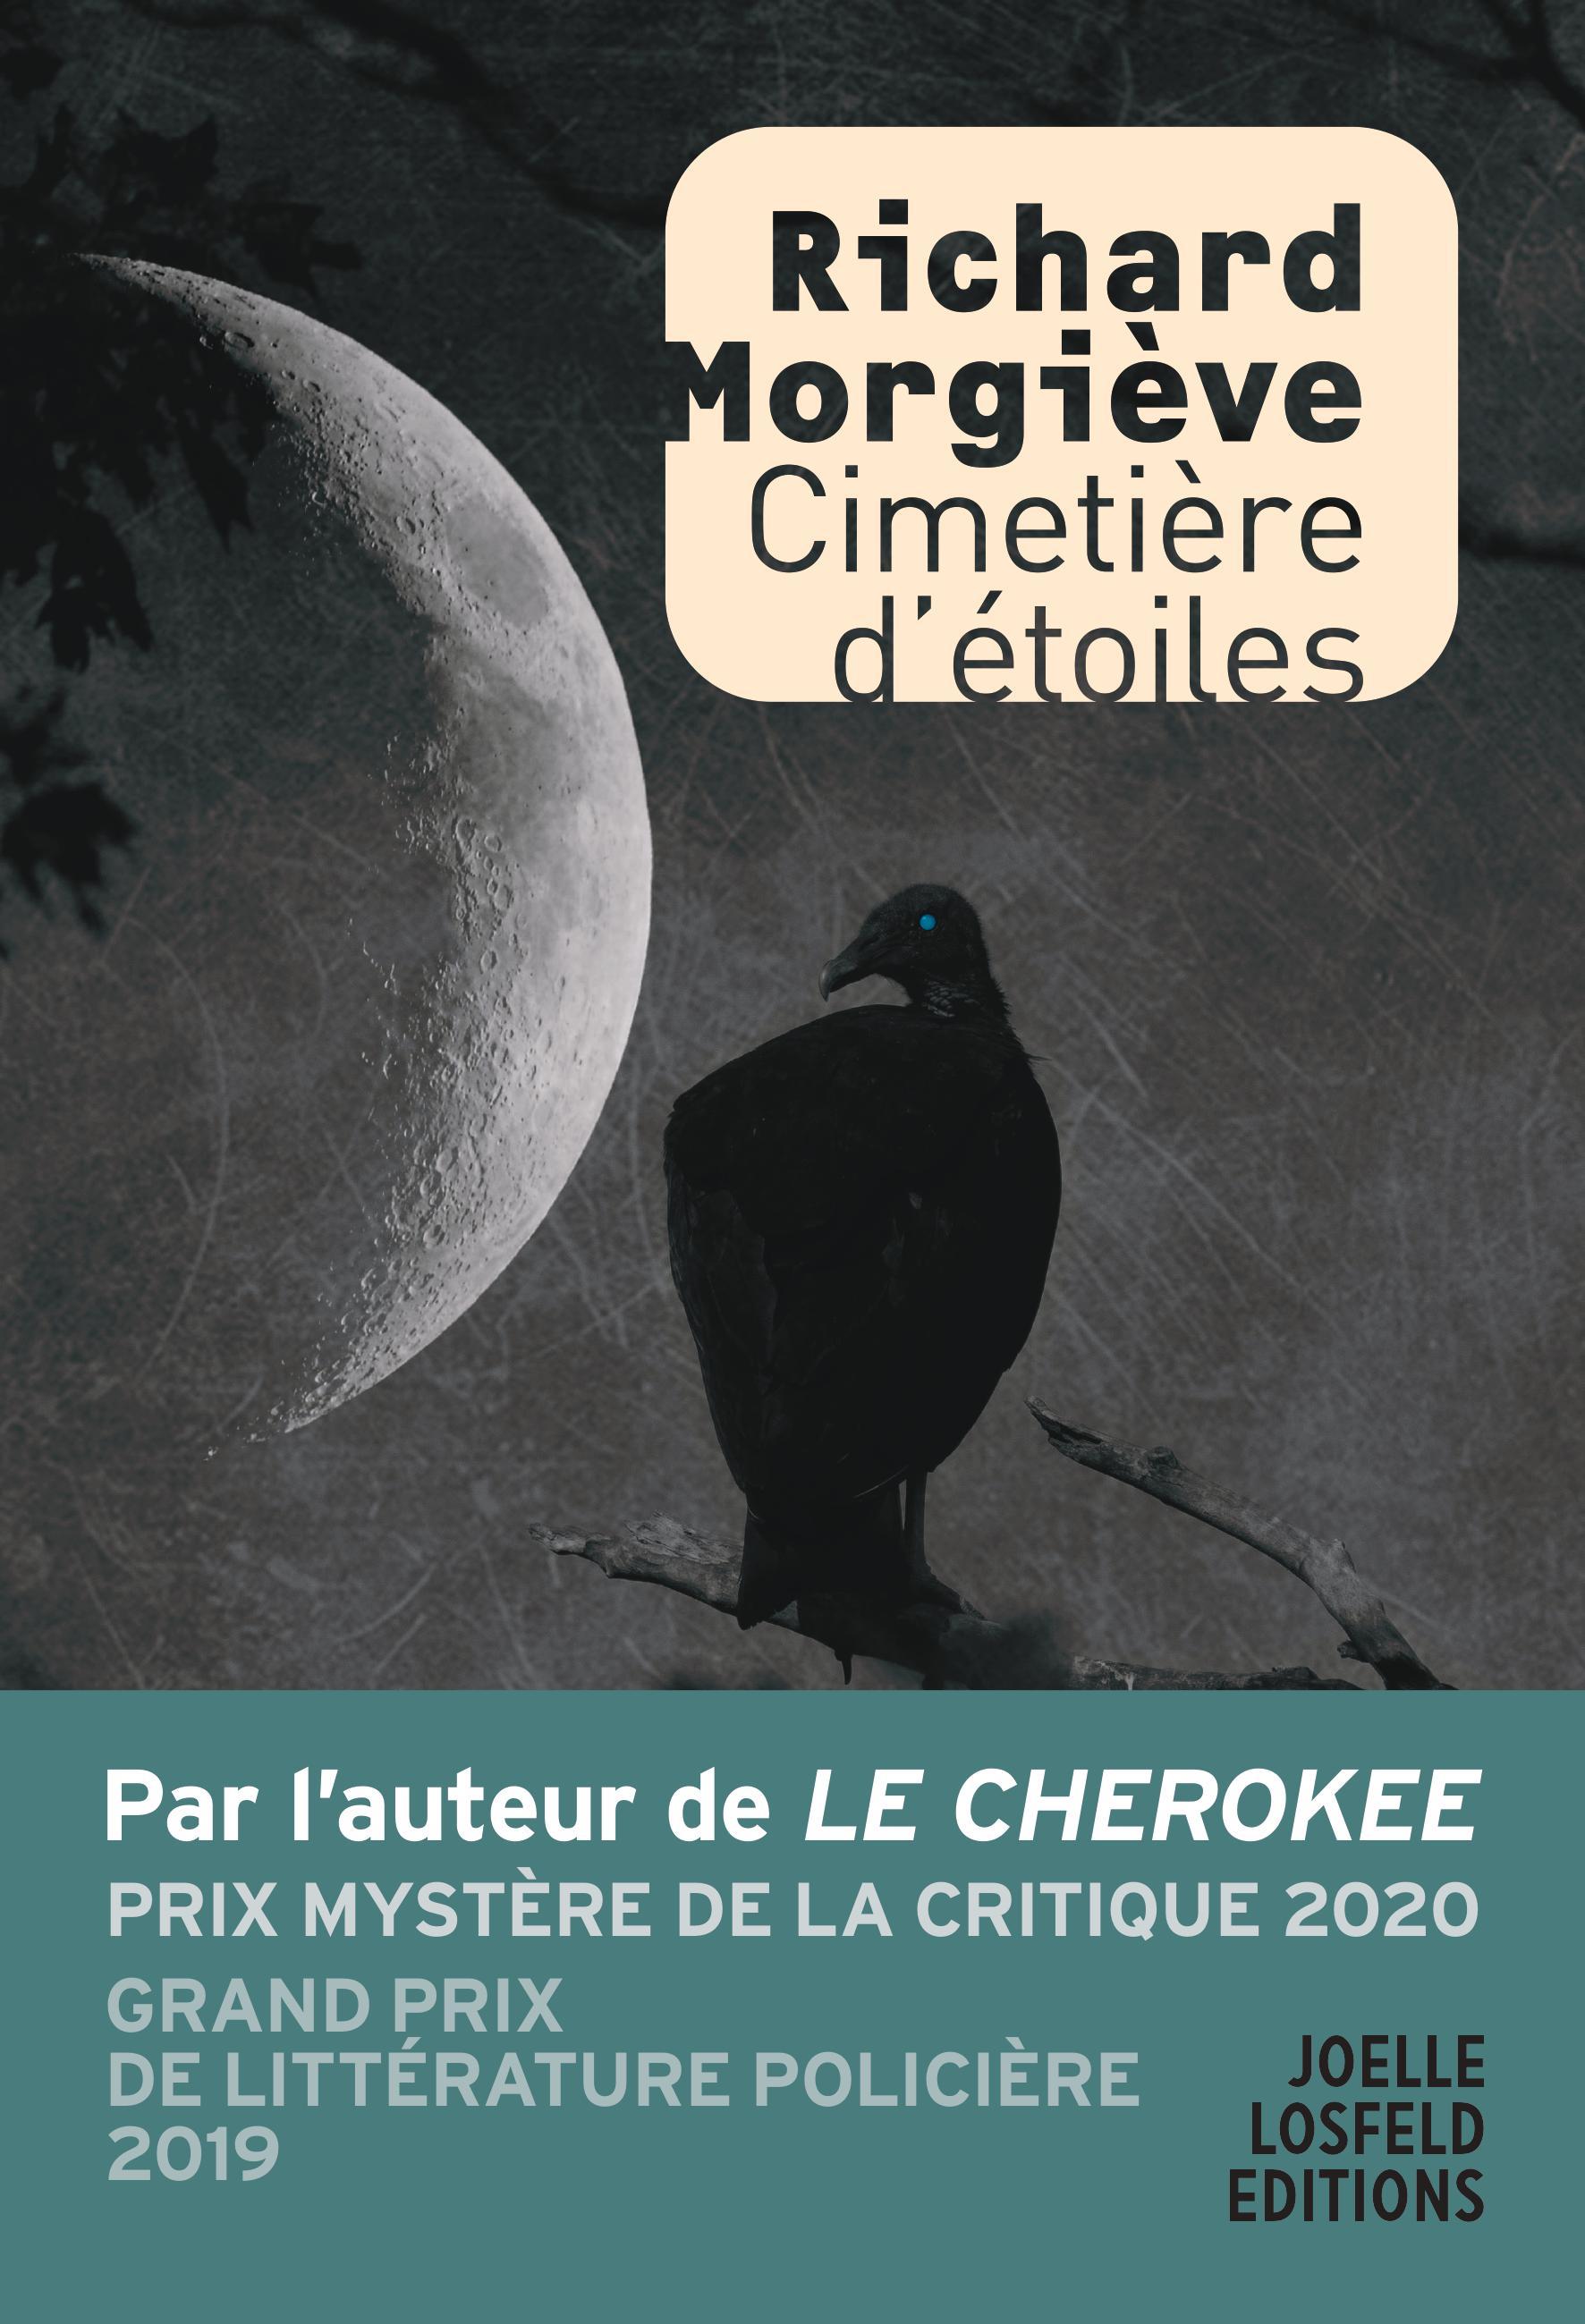 CIMETIERE D'ETOILES